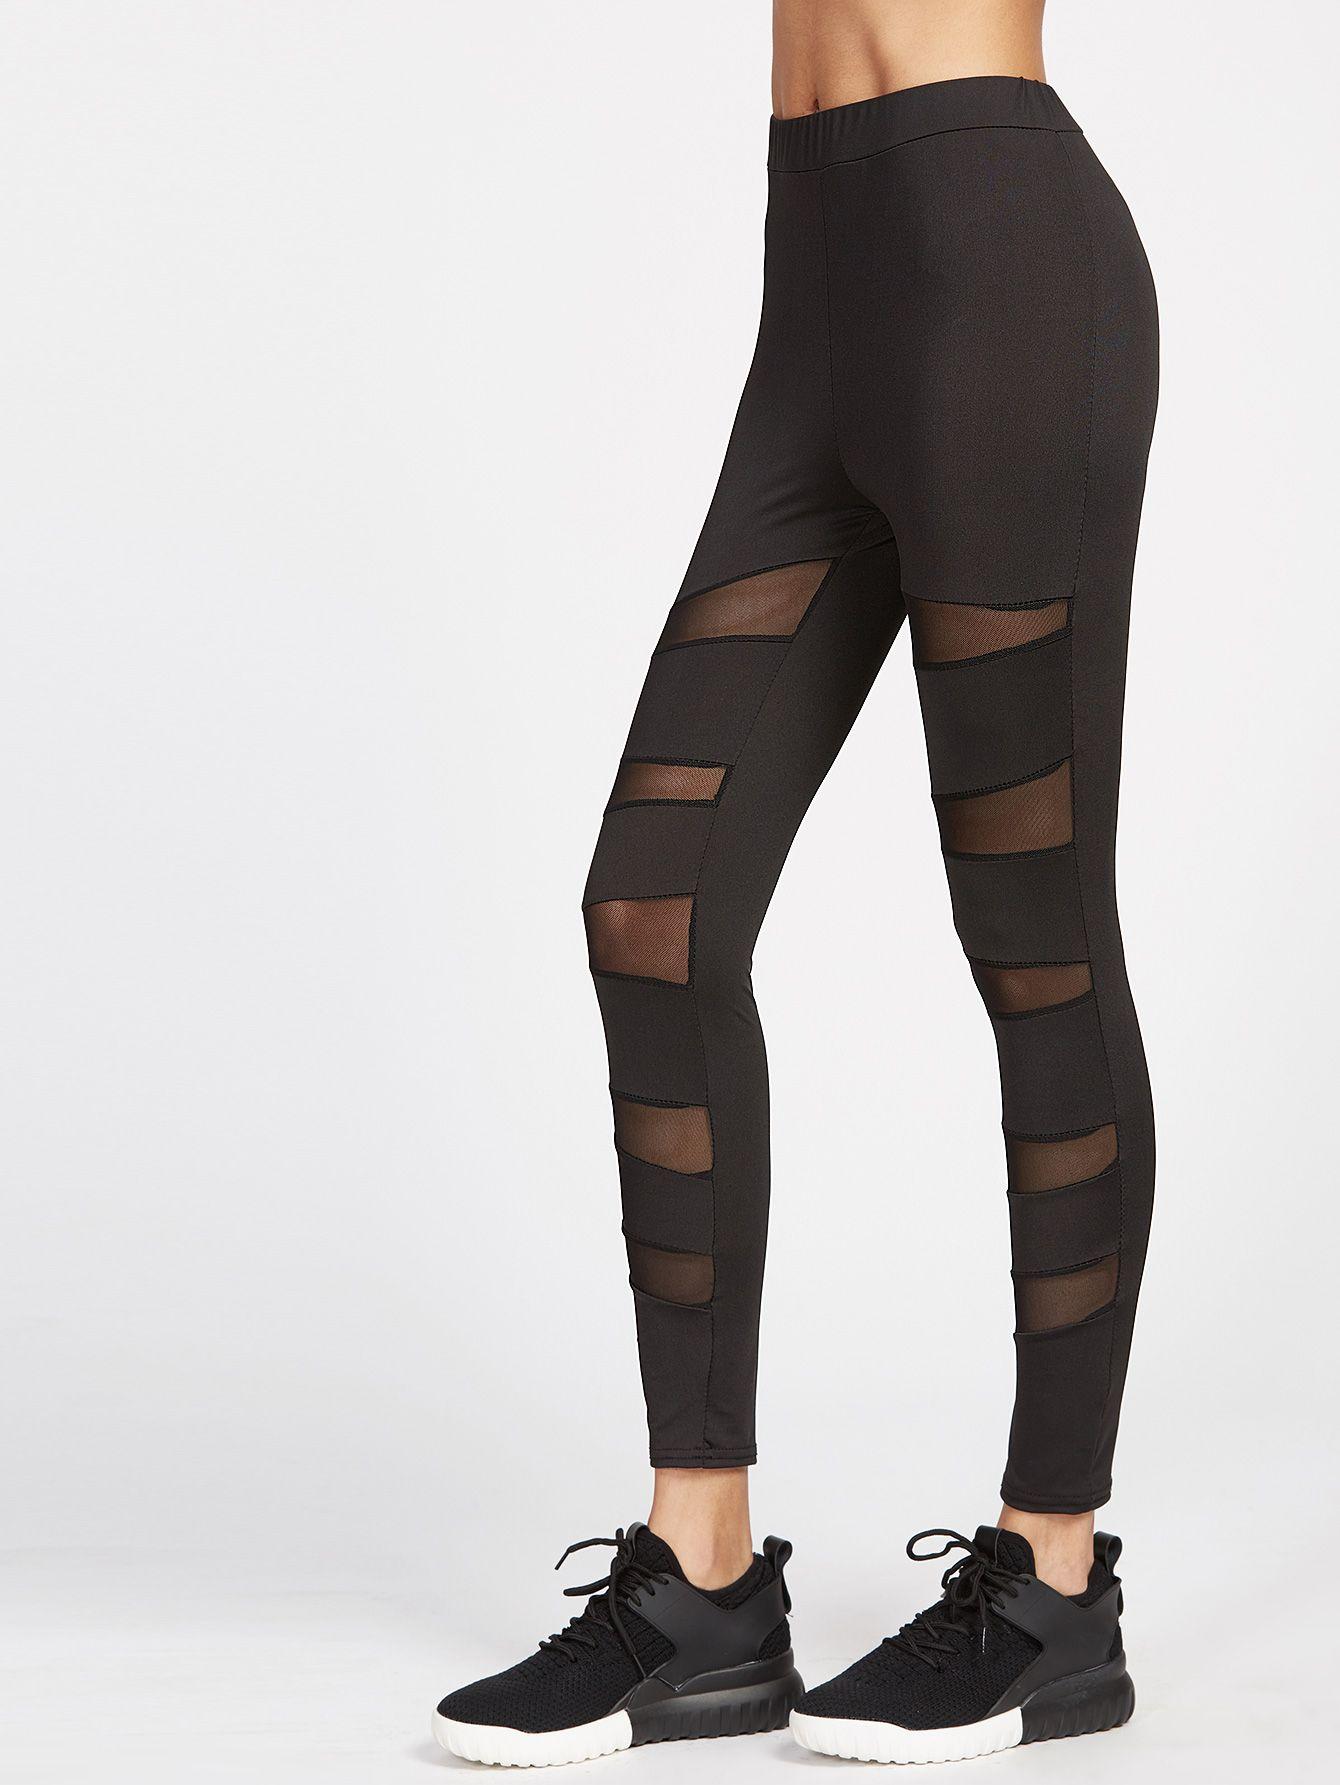 3eaff96f4273 Shop Black Sheer Mesh Insert Leggings online. SheIn offers Black Sheer Mesh  Insert Leggings &